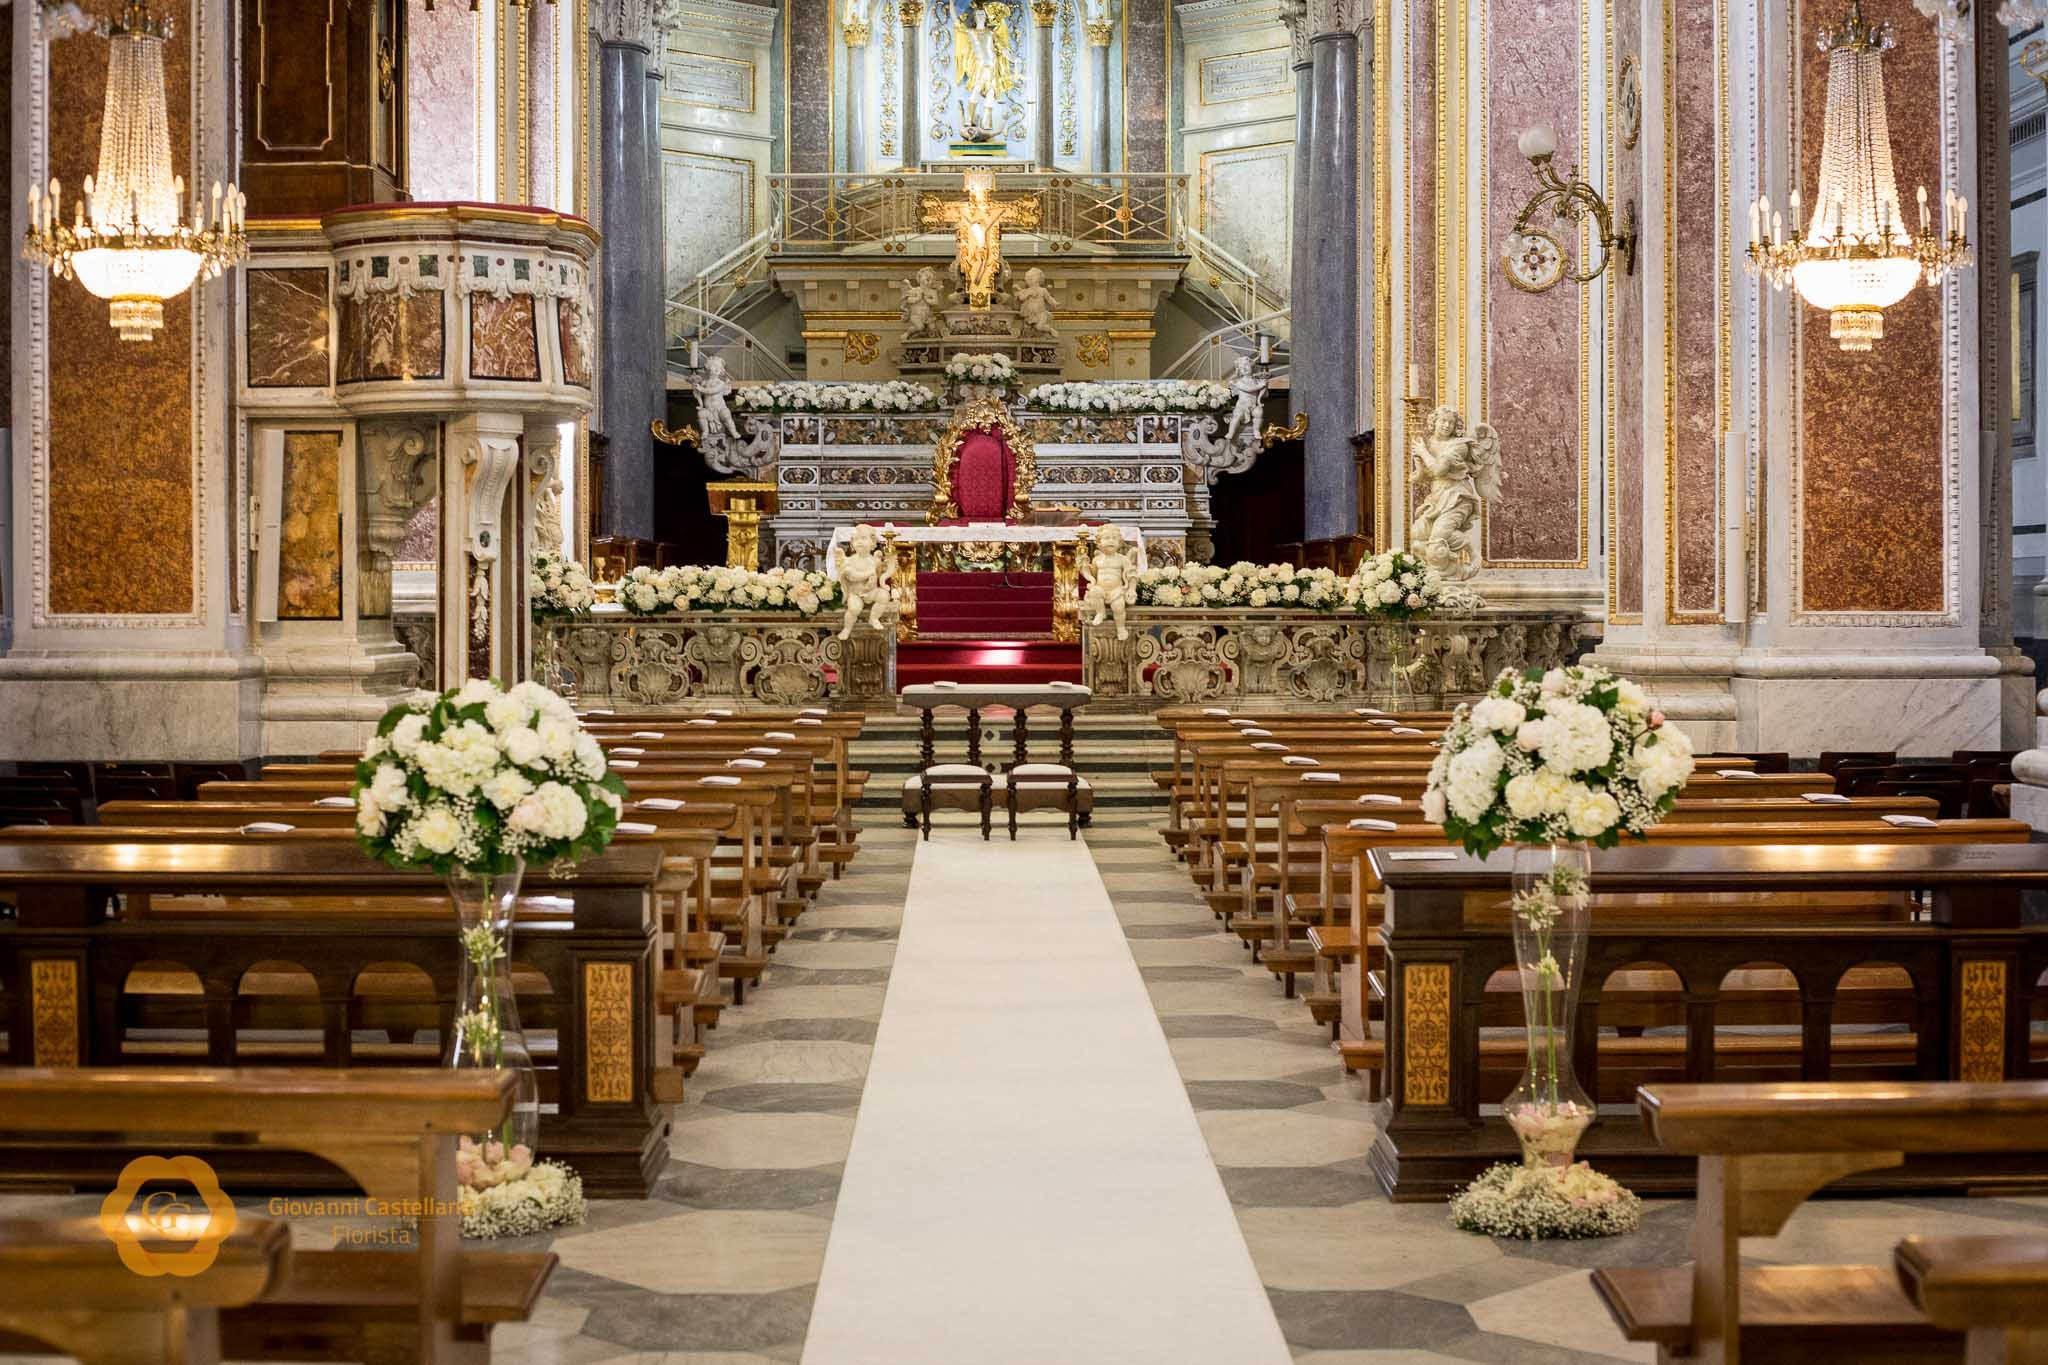 Matrimonio in Chiesa a Sorrento - Chiesa di Meta